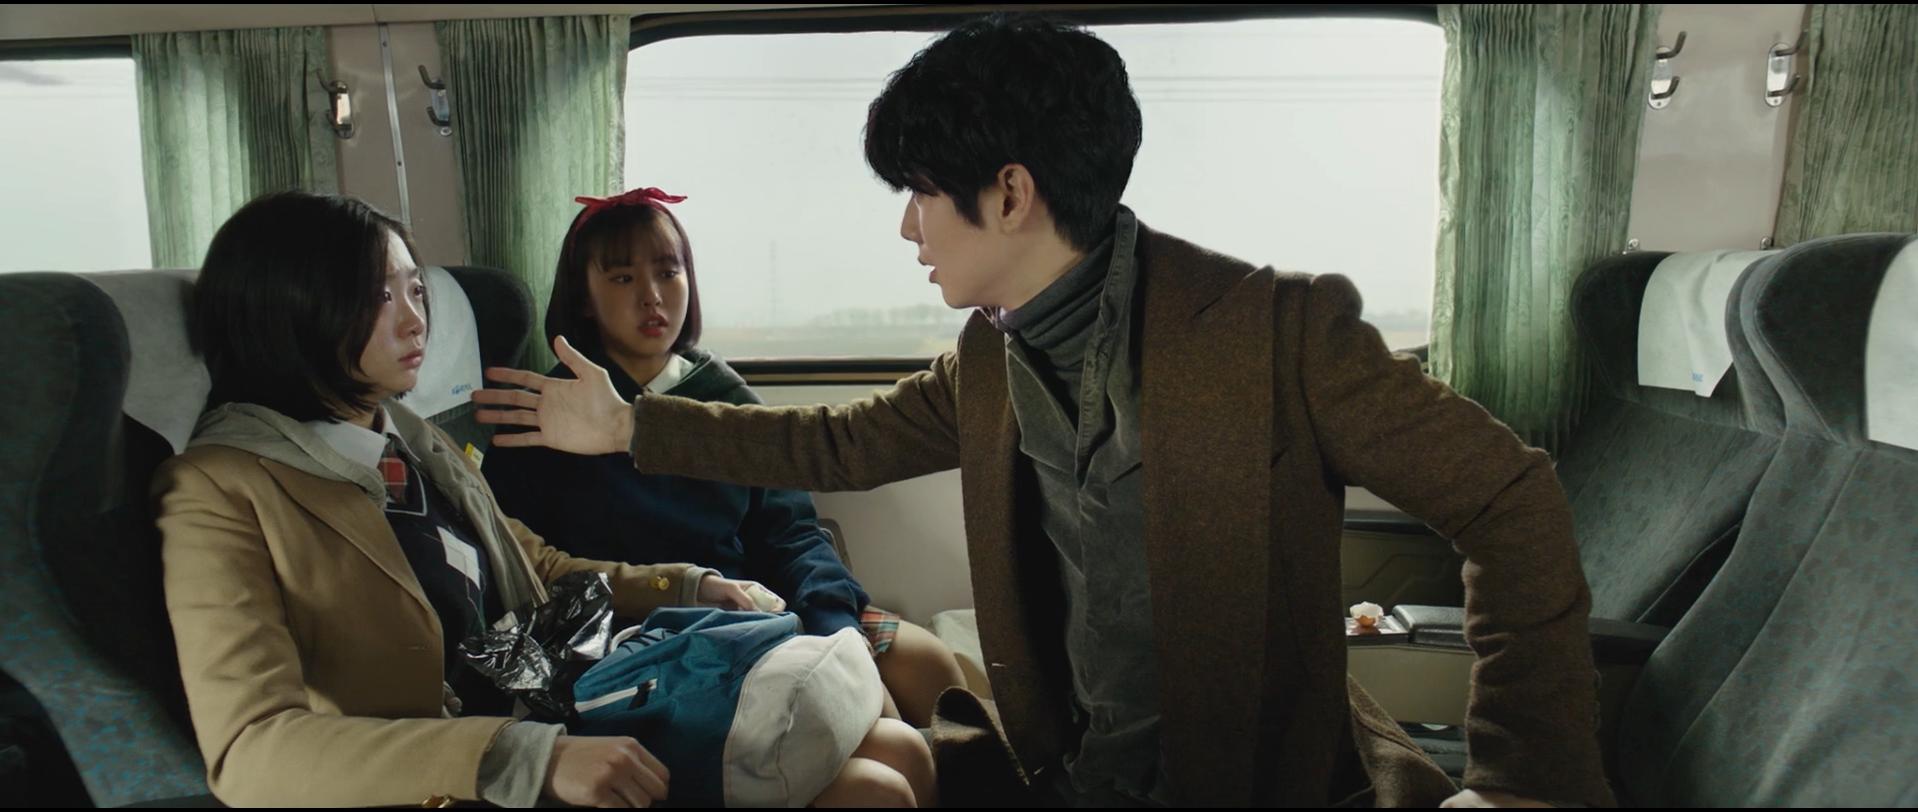 韩国动作悬疑电影《魔女》变异人不断反转剧情就为找自己的生父母 (2)